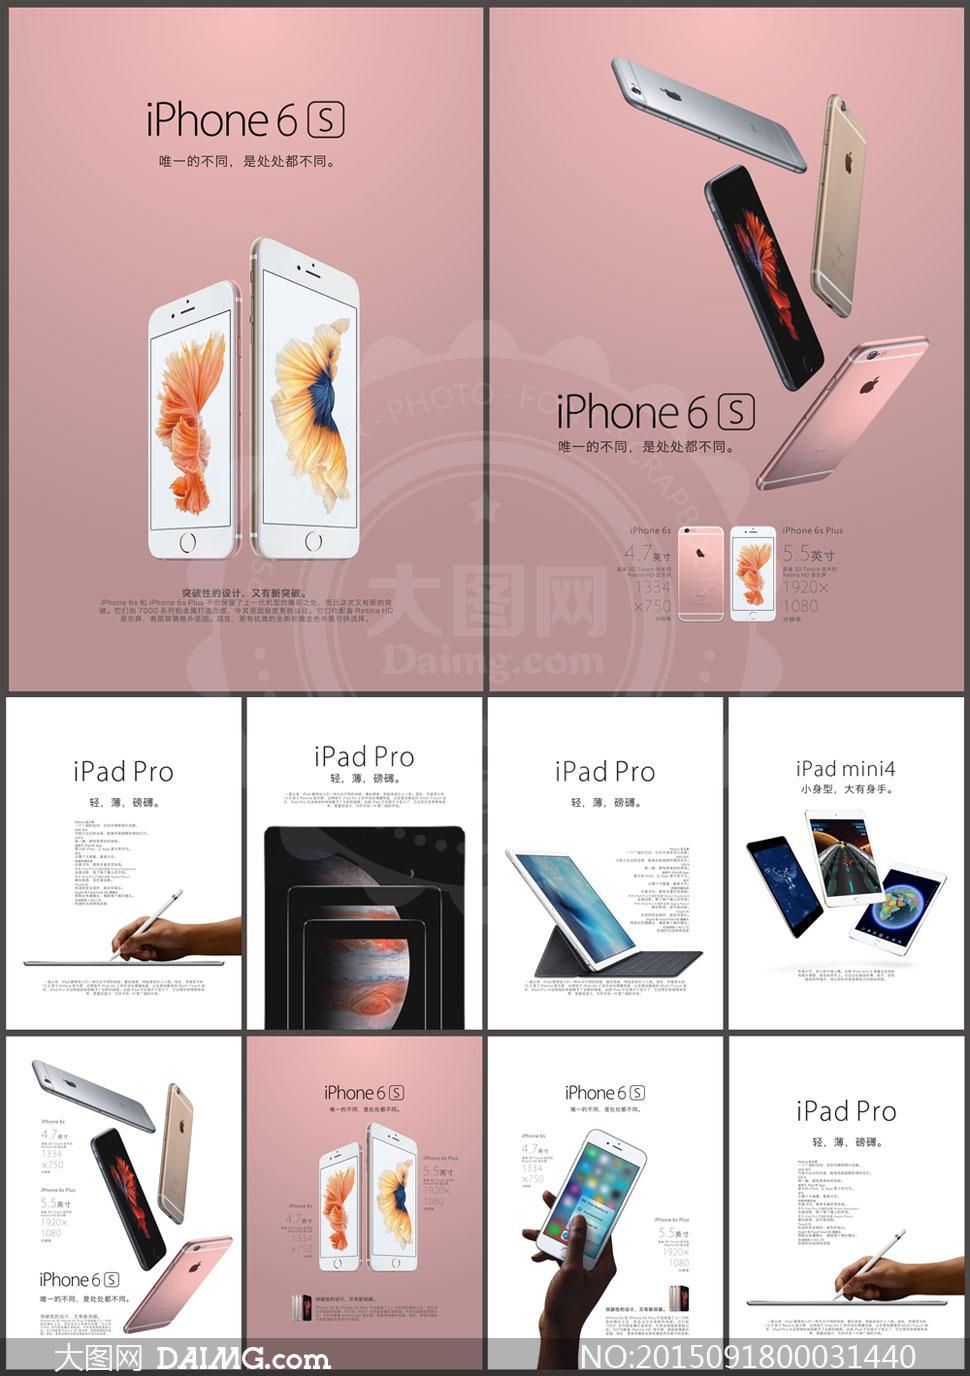 广告海报 > 素材信息          苹果iphone6s预售海报设计矢量素材